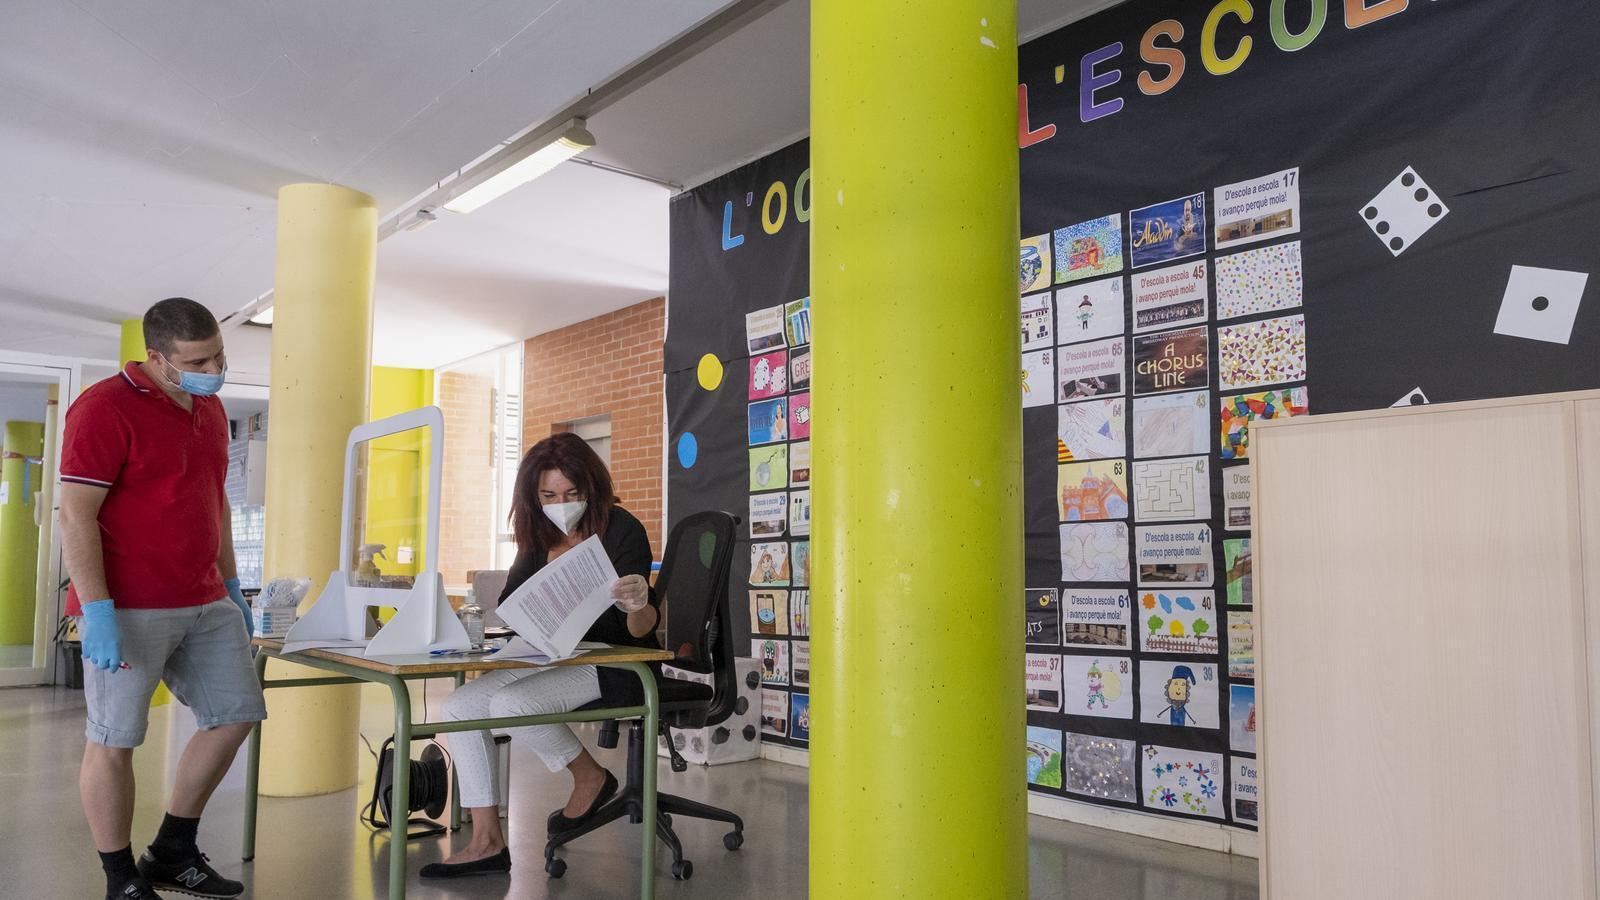 Contractar professors sense el màster i adaptar el currículum: mesures extraordinàries per al curs escolar